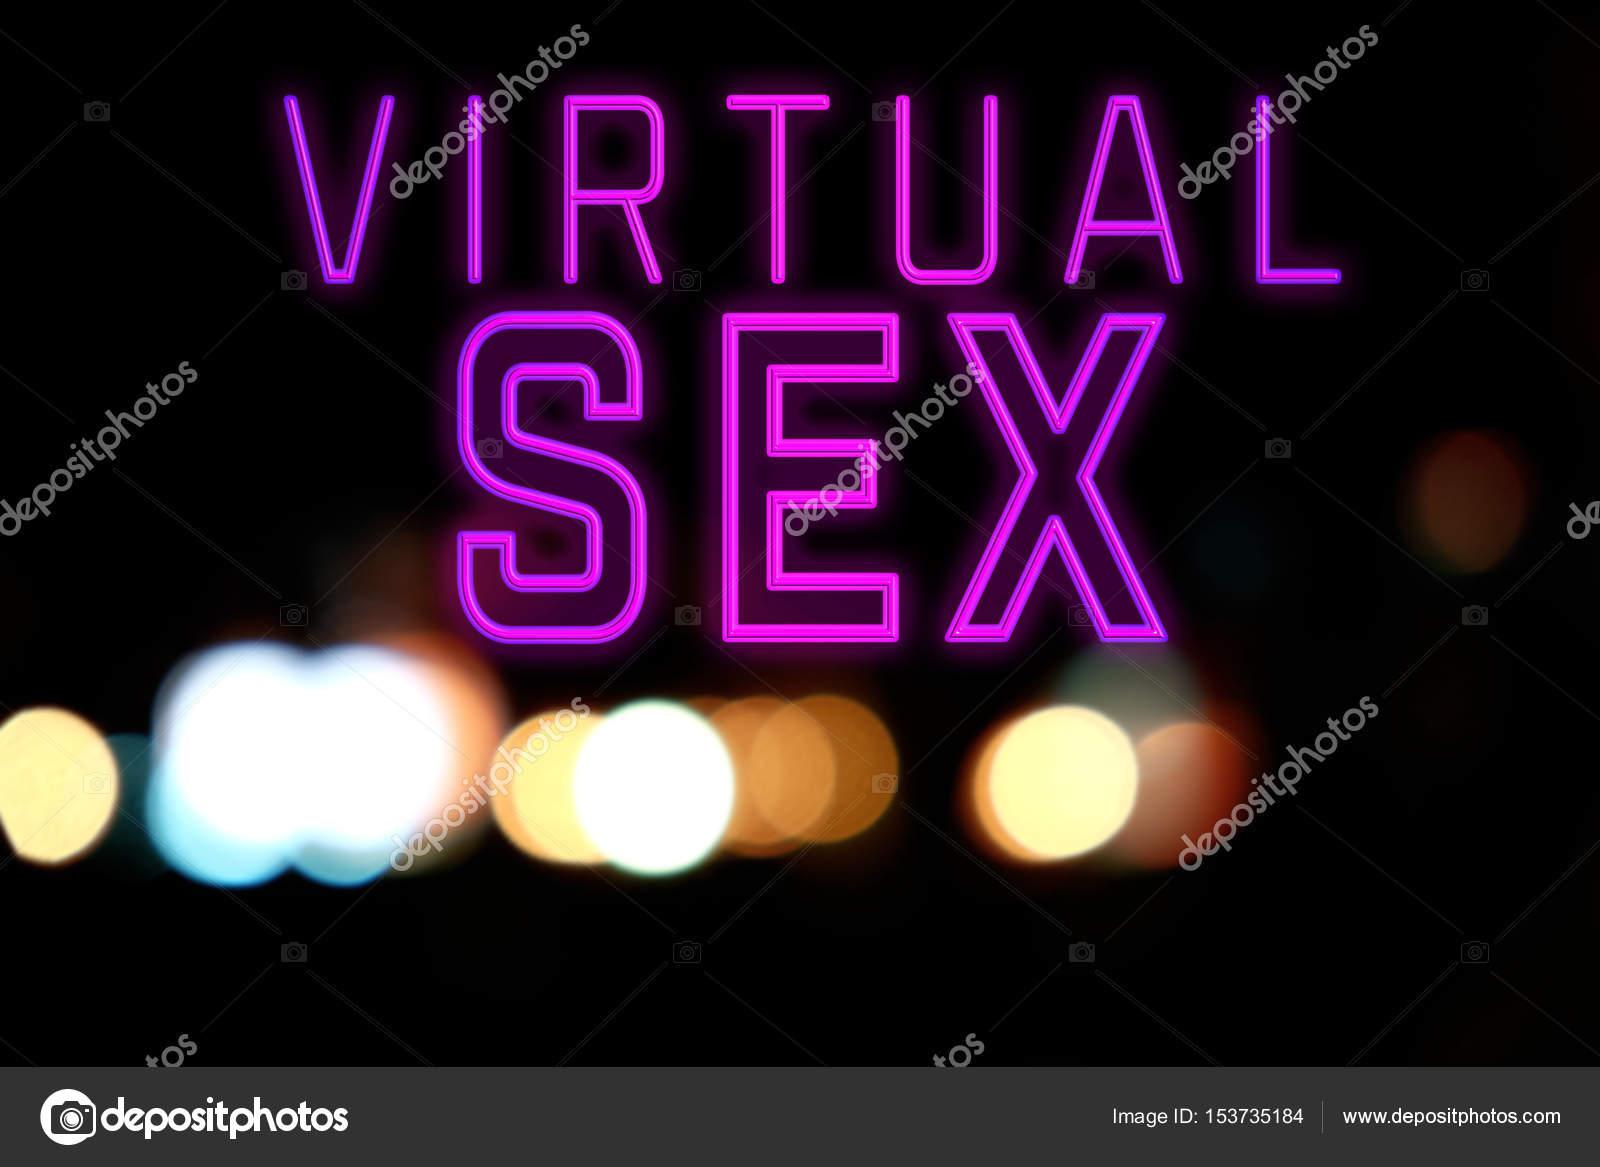 Текст для виртуальный секс